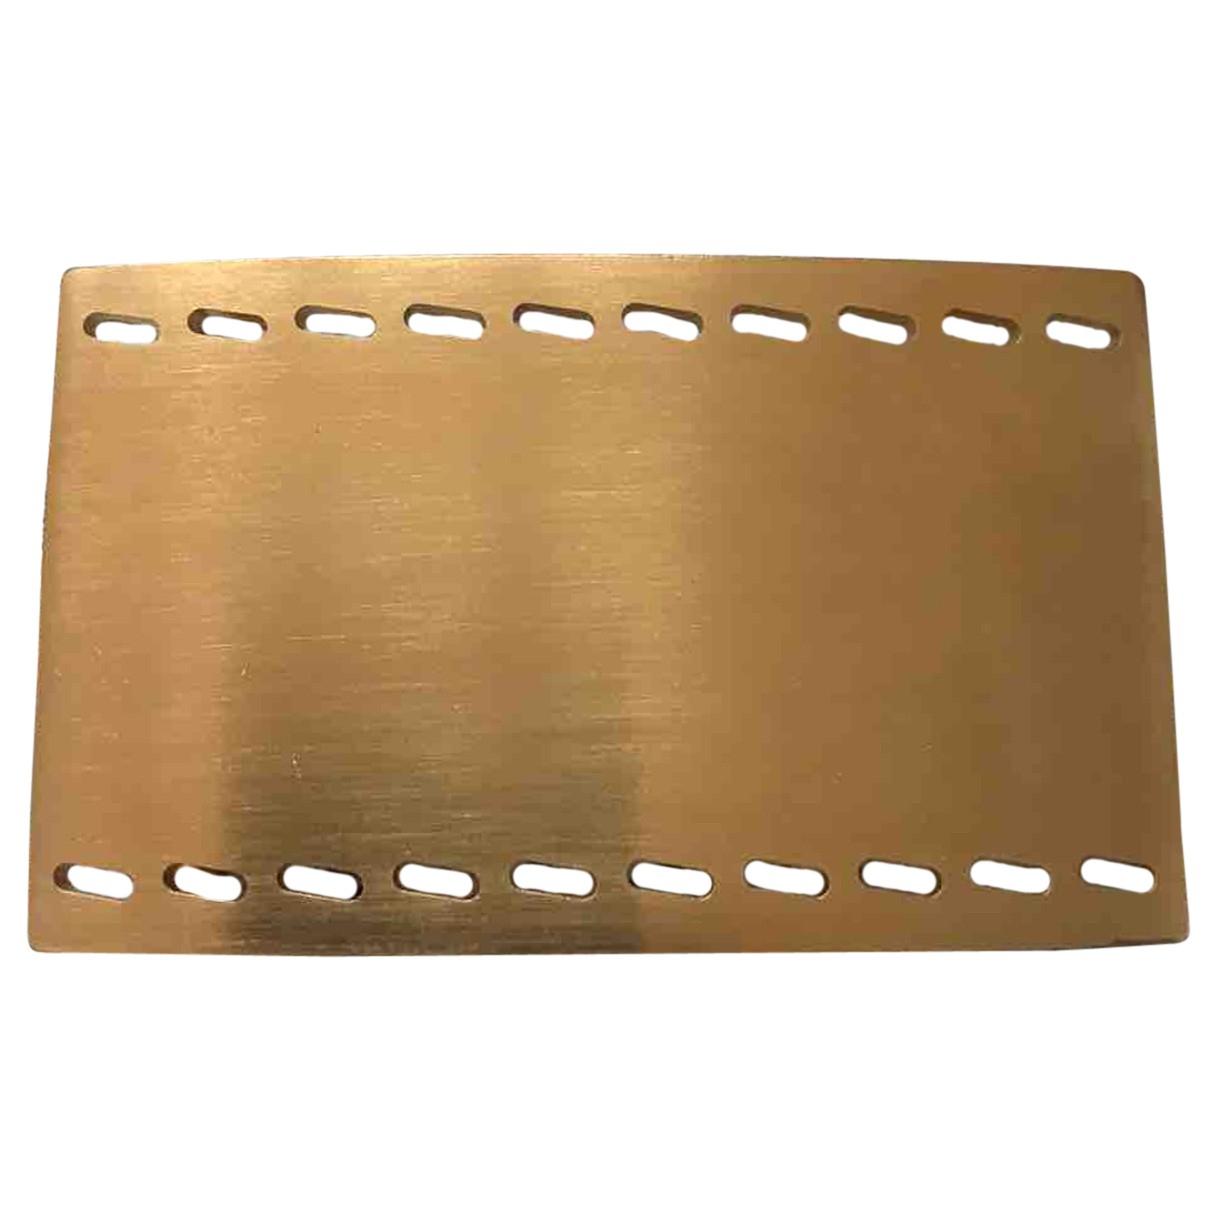 Hermes - Ceinture Boucle seule / Belt buckle pour homme en metal - dore